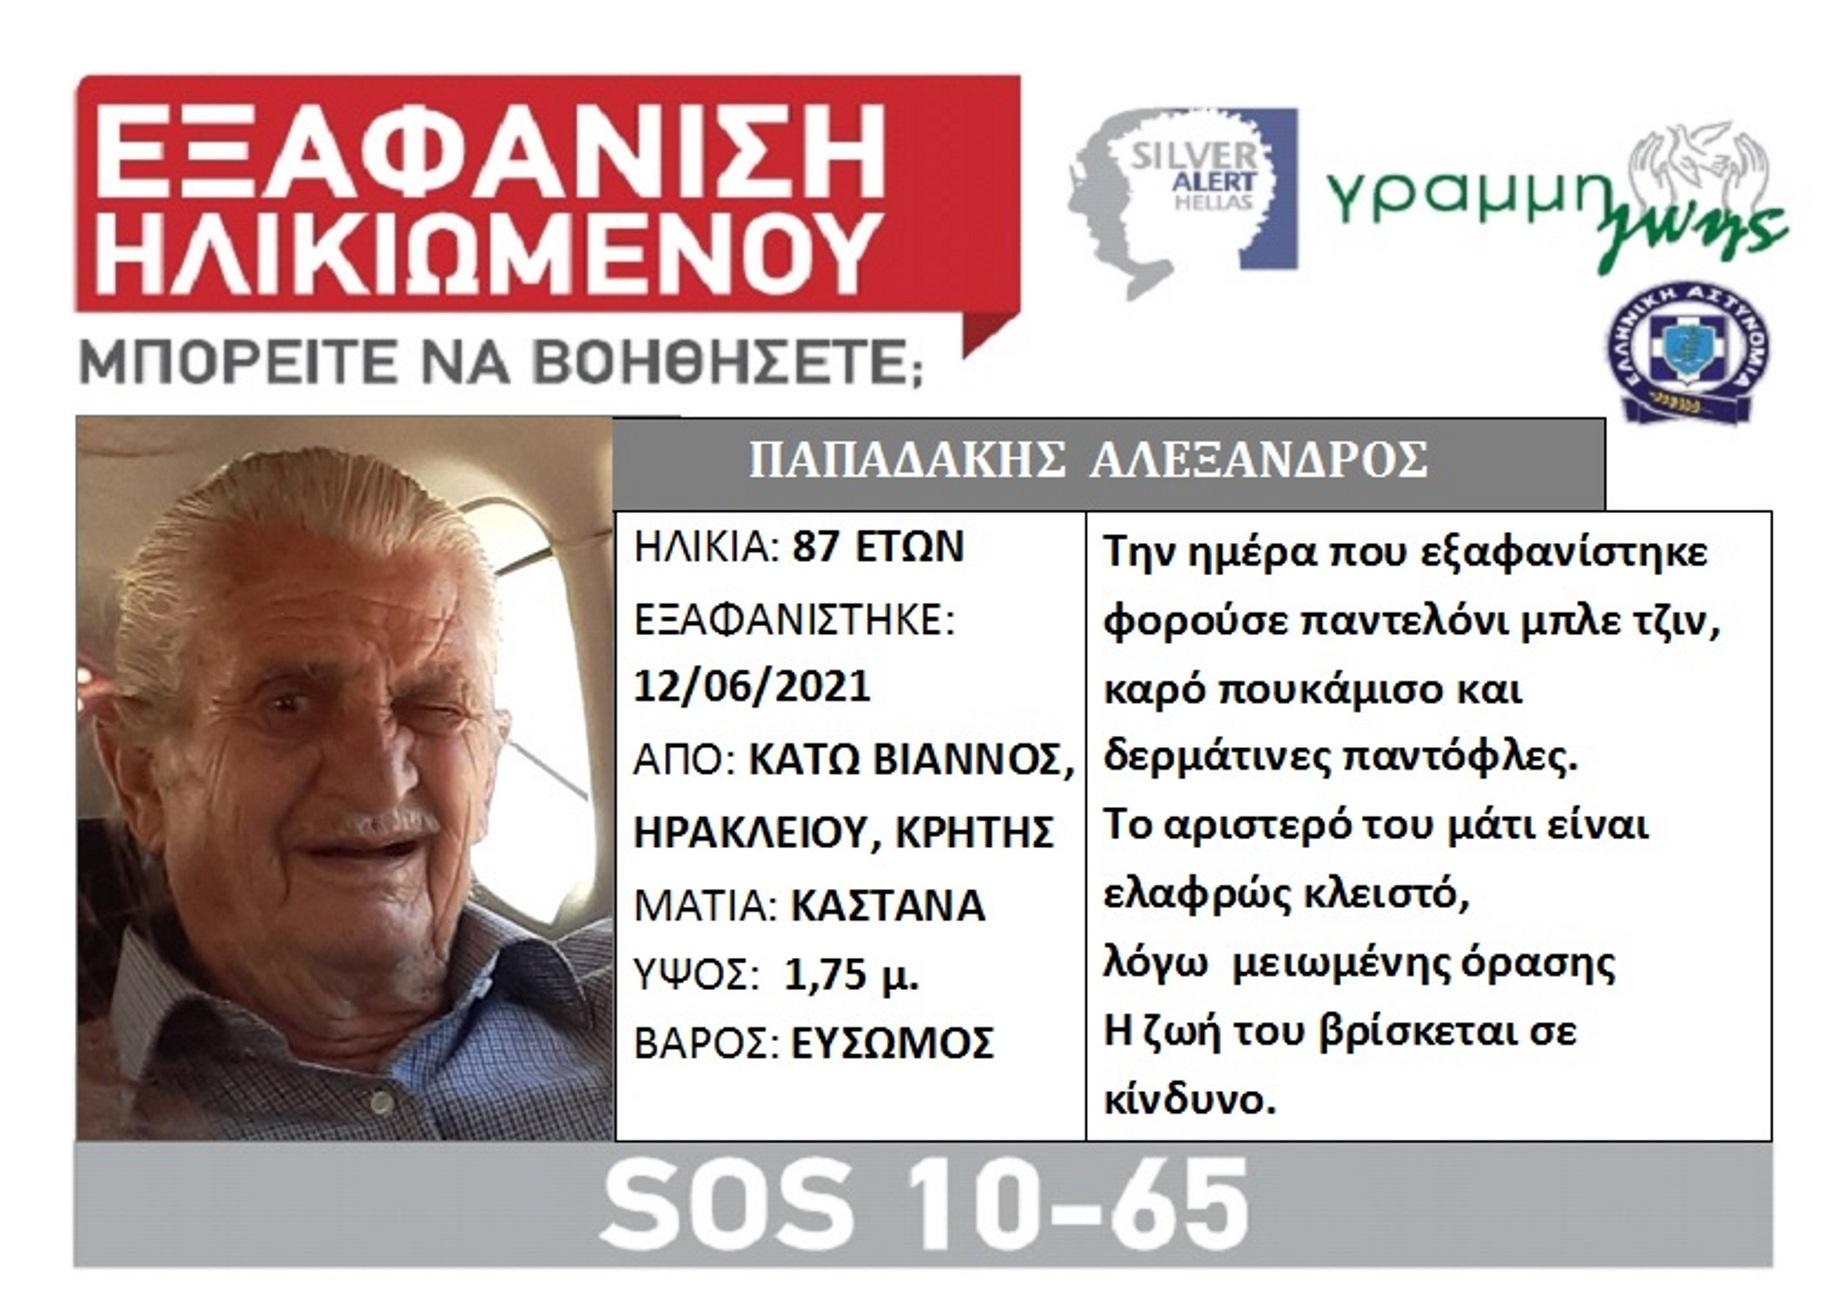 Κρήτη: Σβήνουν οι ελπίδες για τον αγνοούμενο ηλικιωμένο – Στάματησαν οι έρευνες